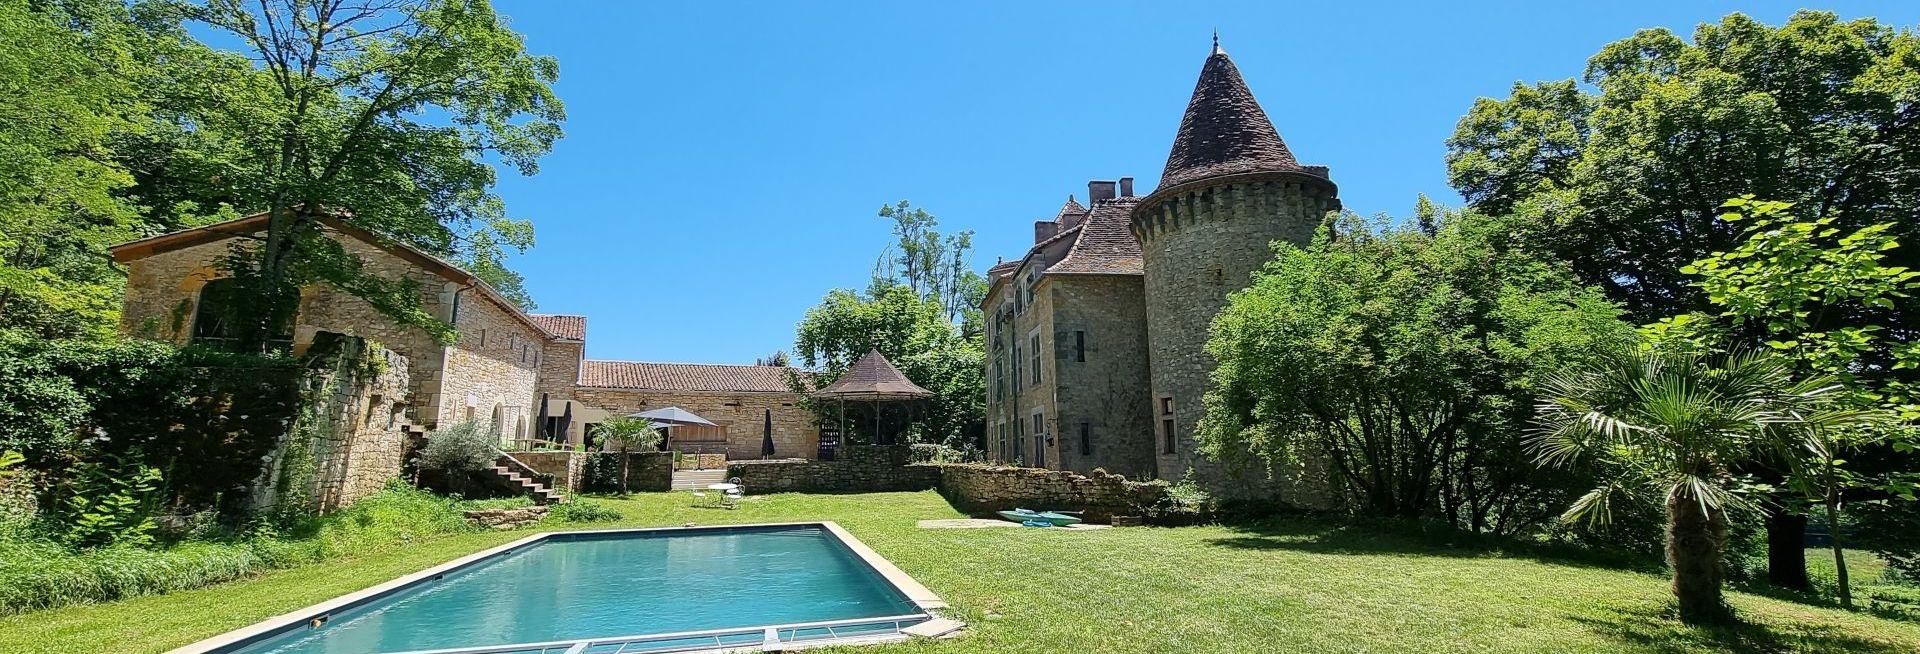 piscine chateau de saint dau